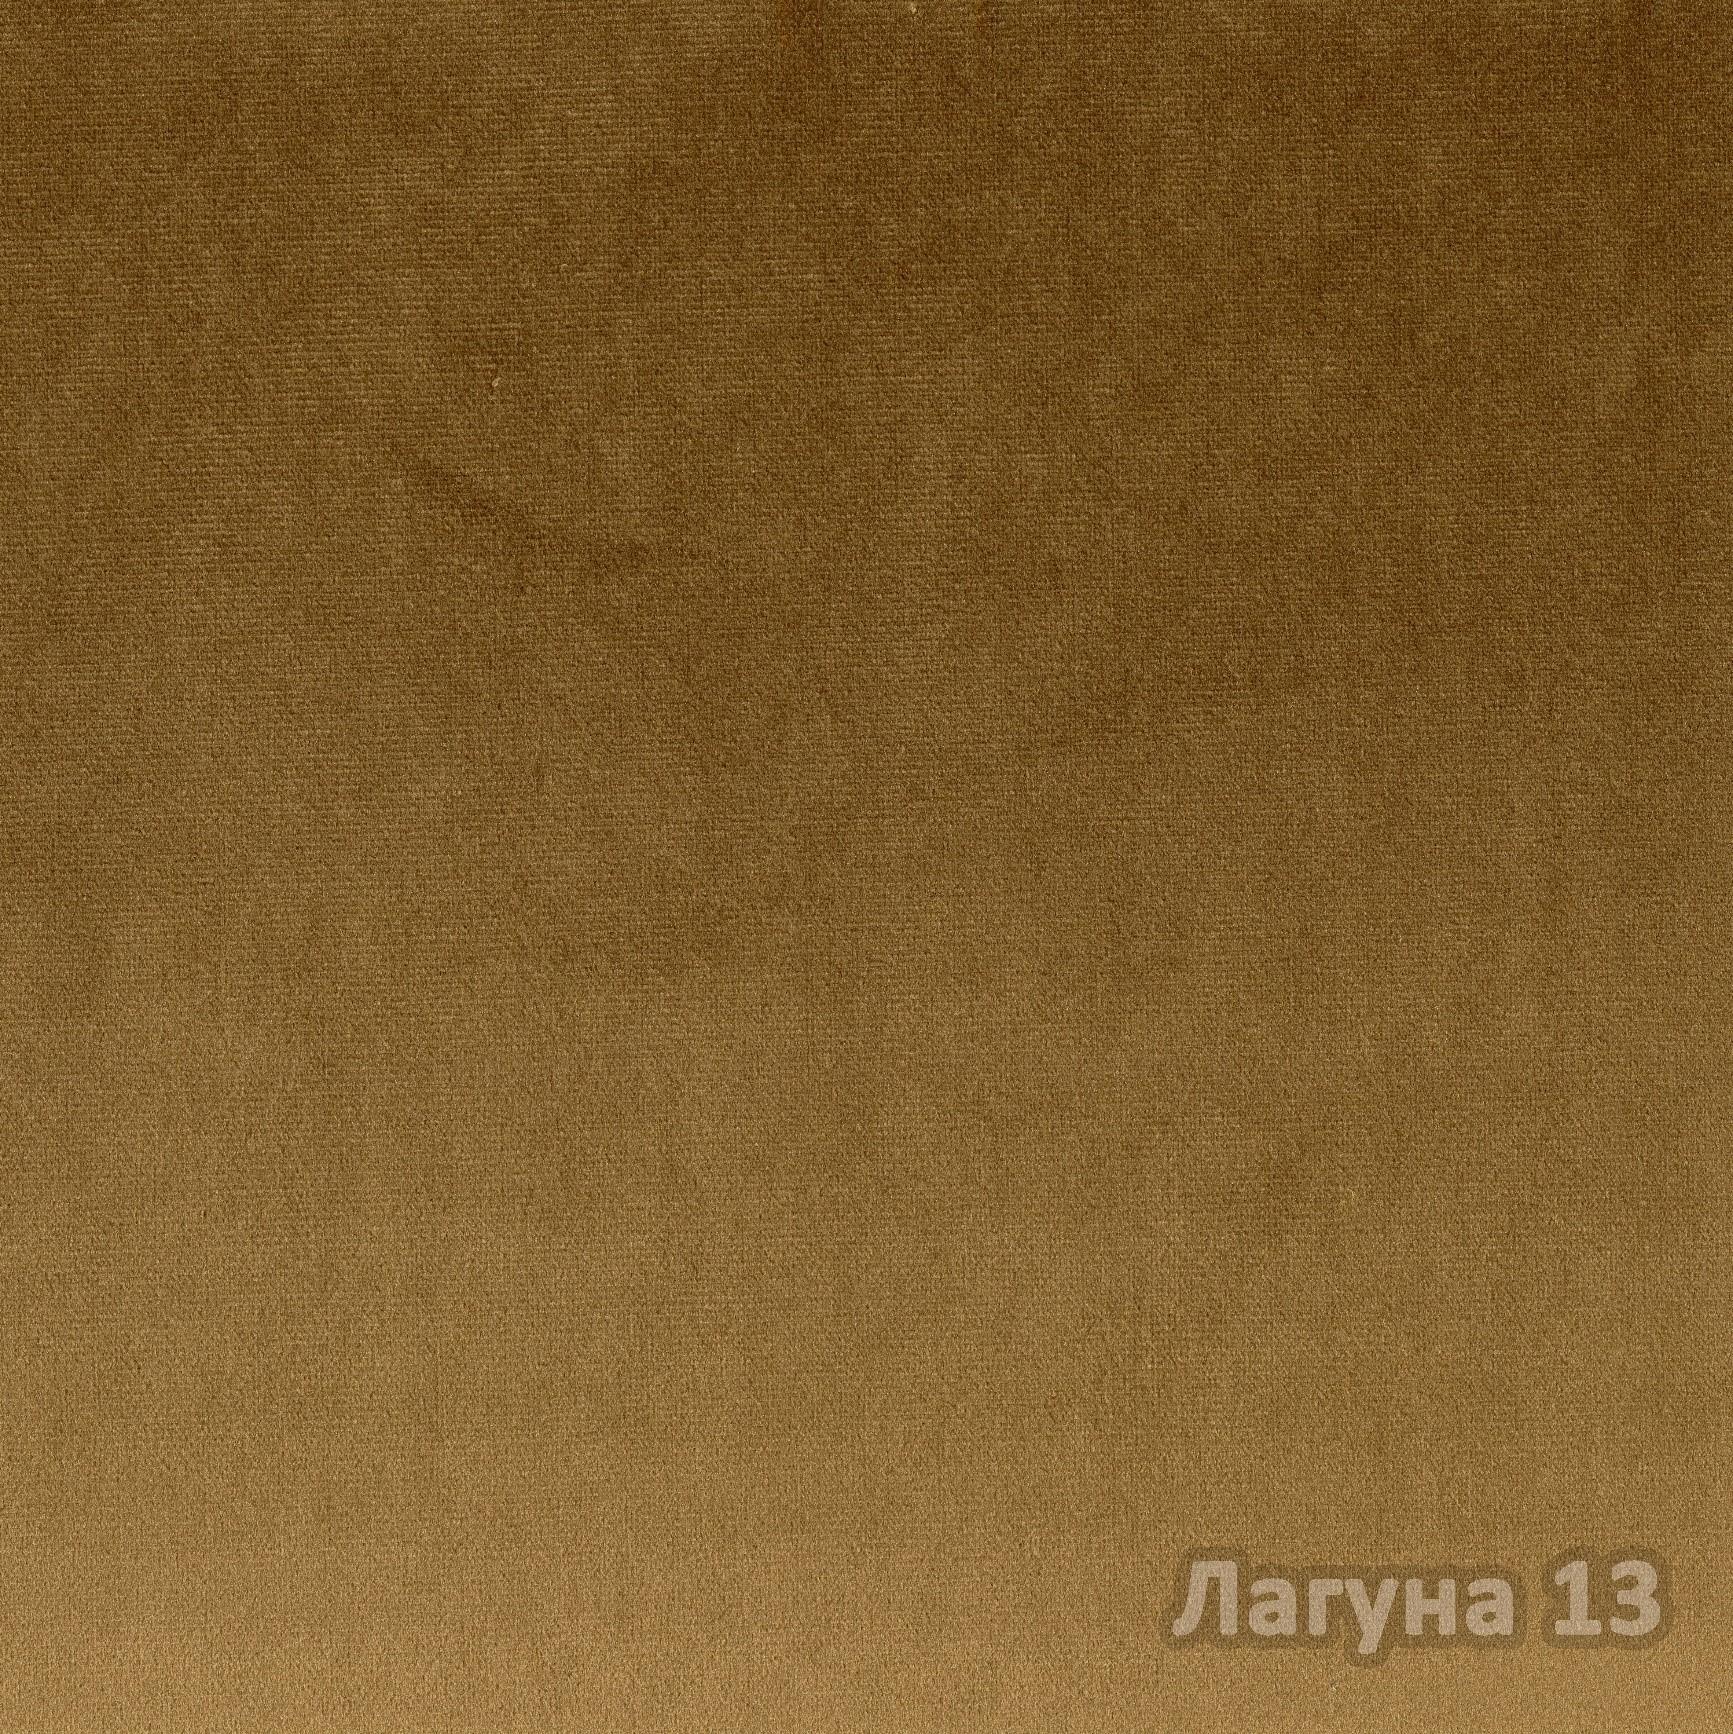 Коллекция ткани Лагуна 13,  купить ткань Велюр для мебели Украина